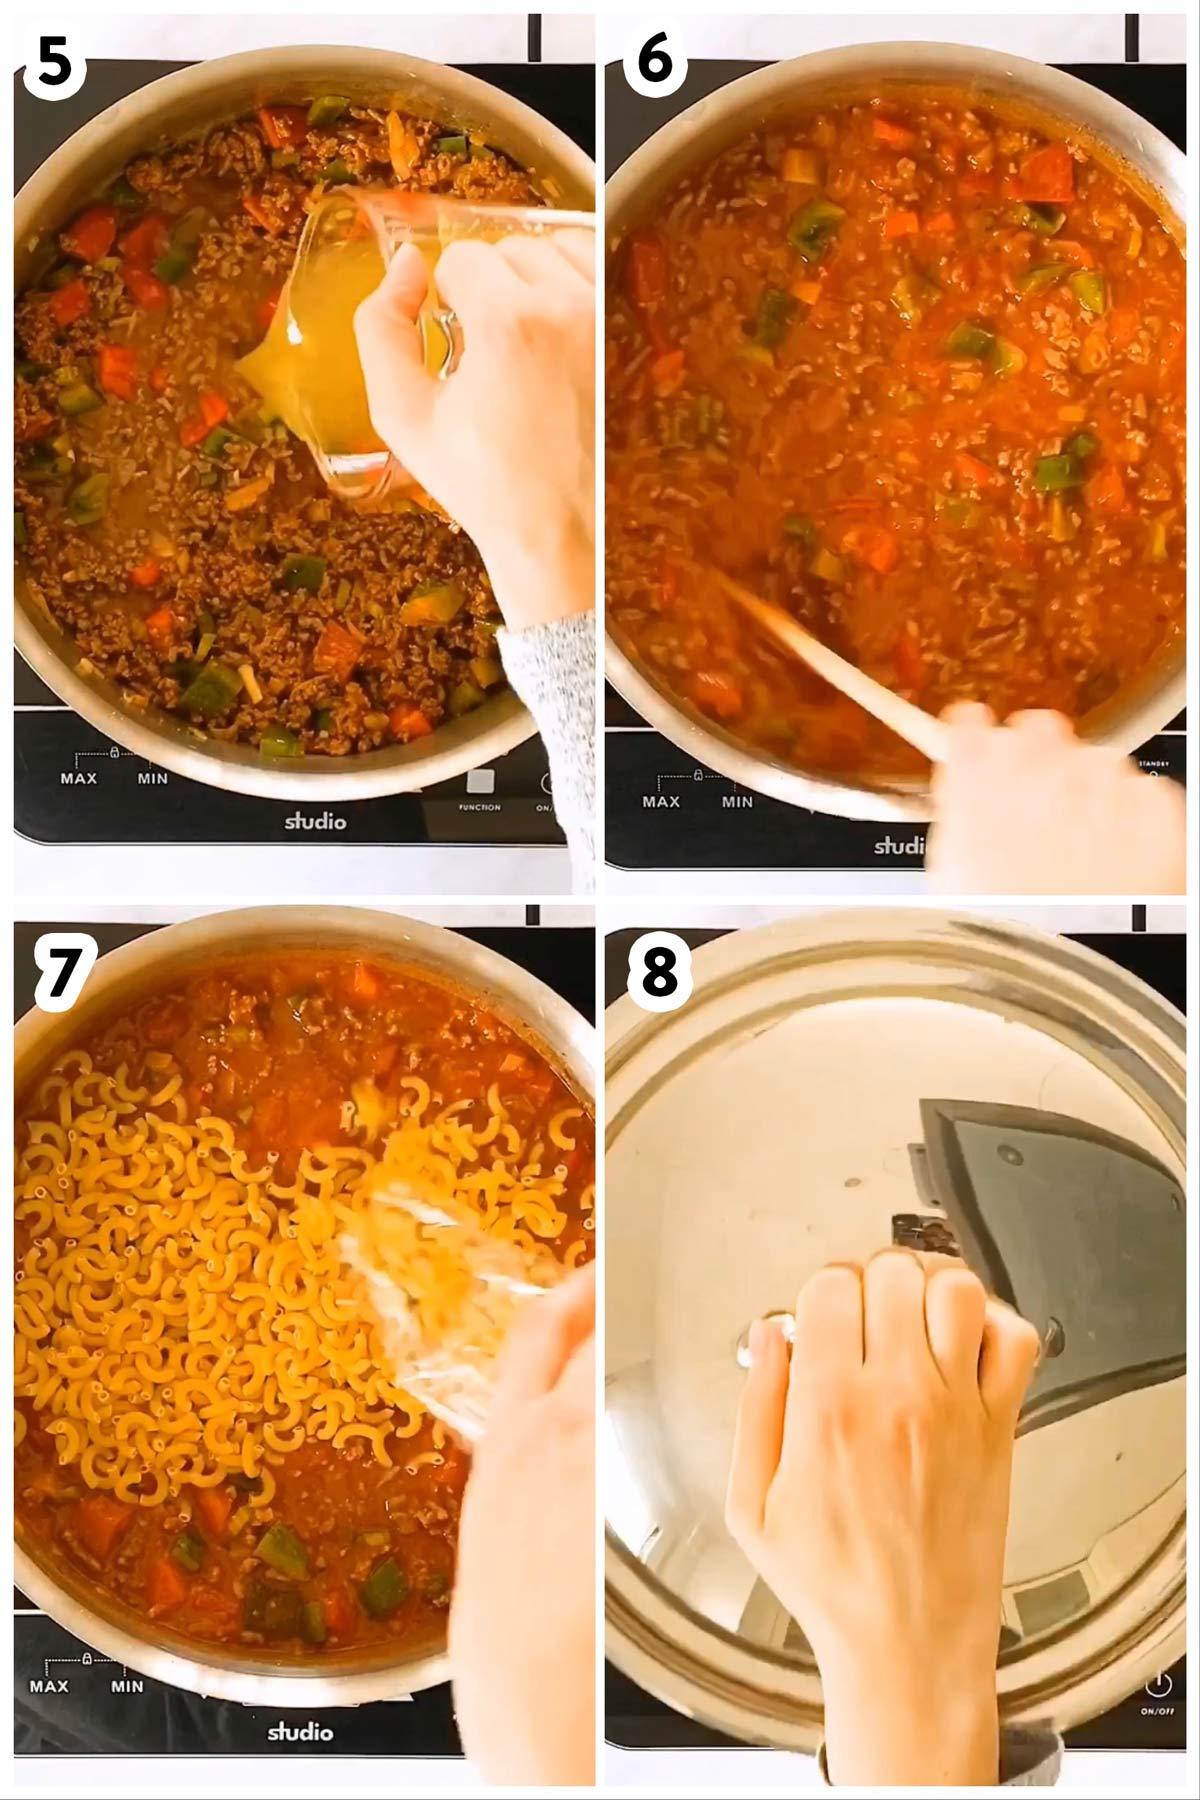 Bildanleitung zum Kochen einer One Pot Pasta